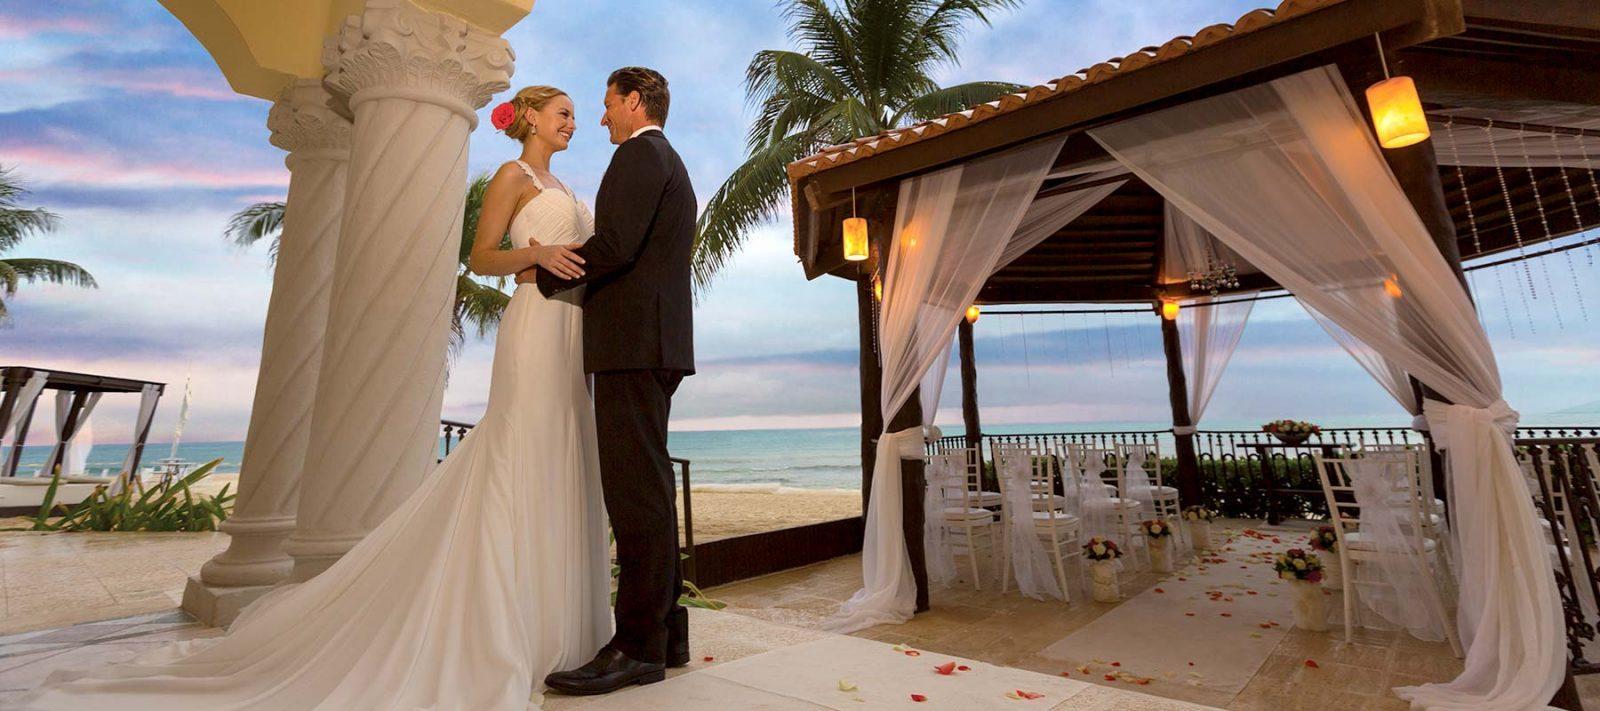 Mejores hoteles para hacer tu boda en la playa